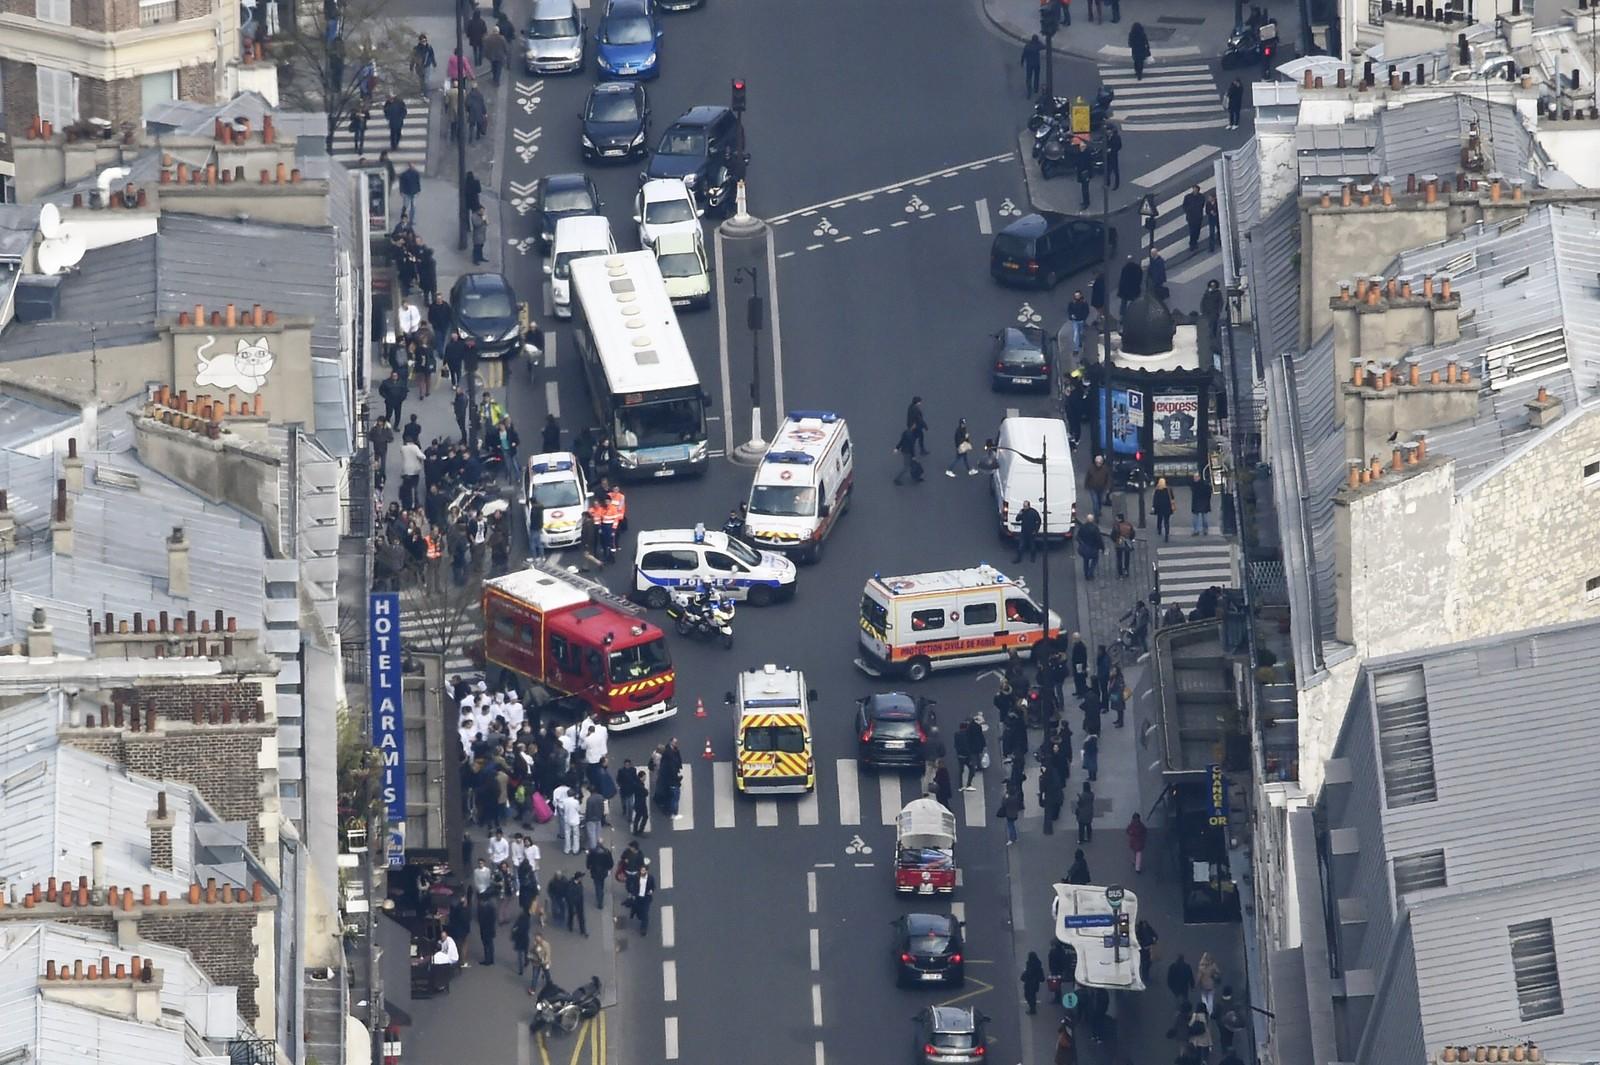 Gata ble fylt av redningsmannskaper.